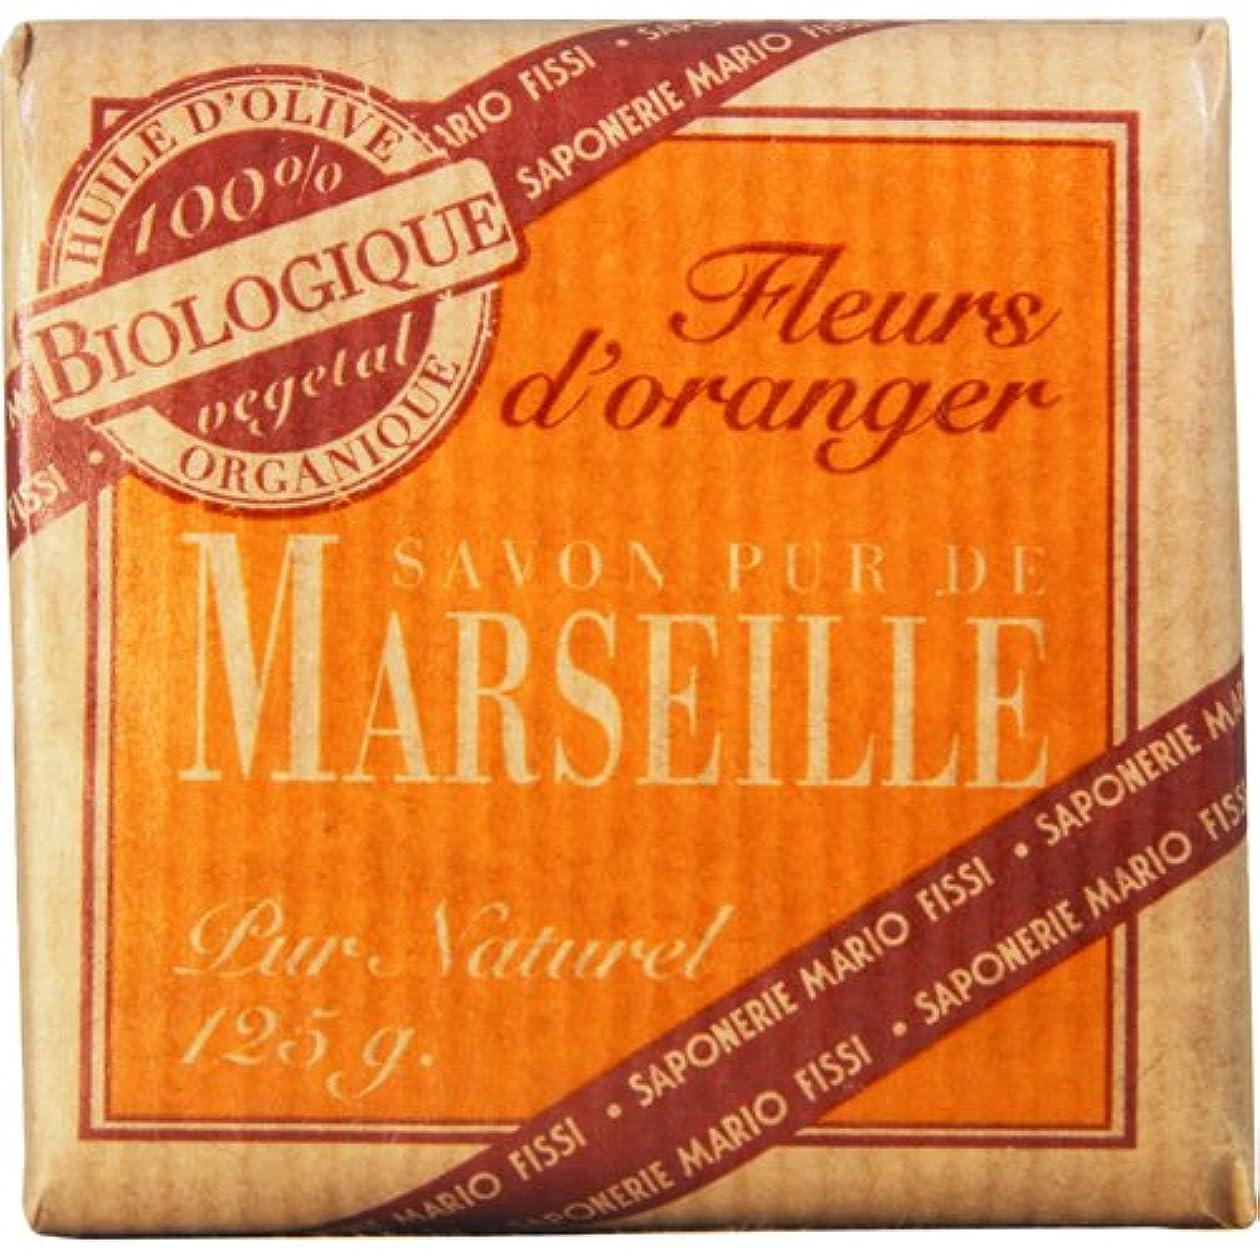 バナナ方法連続したSaponerire Fissi マルセイユシリーズ マルセイユソープ 125g Orange Flower オレンジフラワー